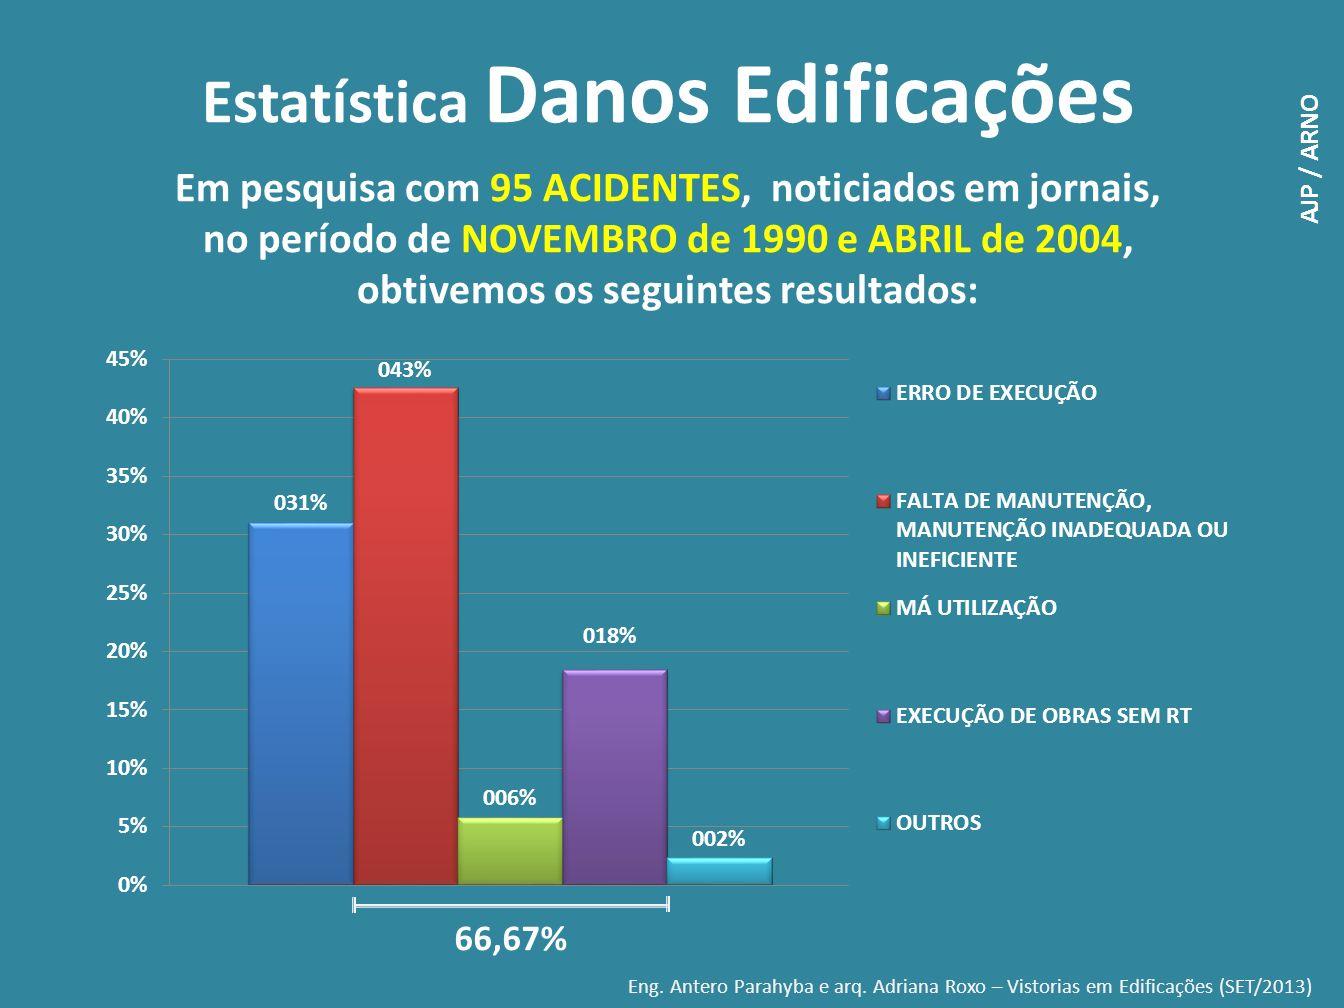 Estatística Danos Edificações Em pesquisa com 95 ACIDENTES, noticiados em jornais, no período de NOVEMBRO de 1990 e ABRIL de 2004, obtivemos os seguin